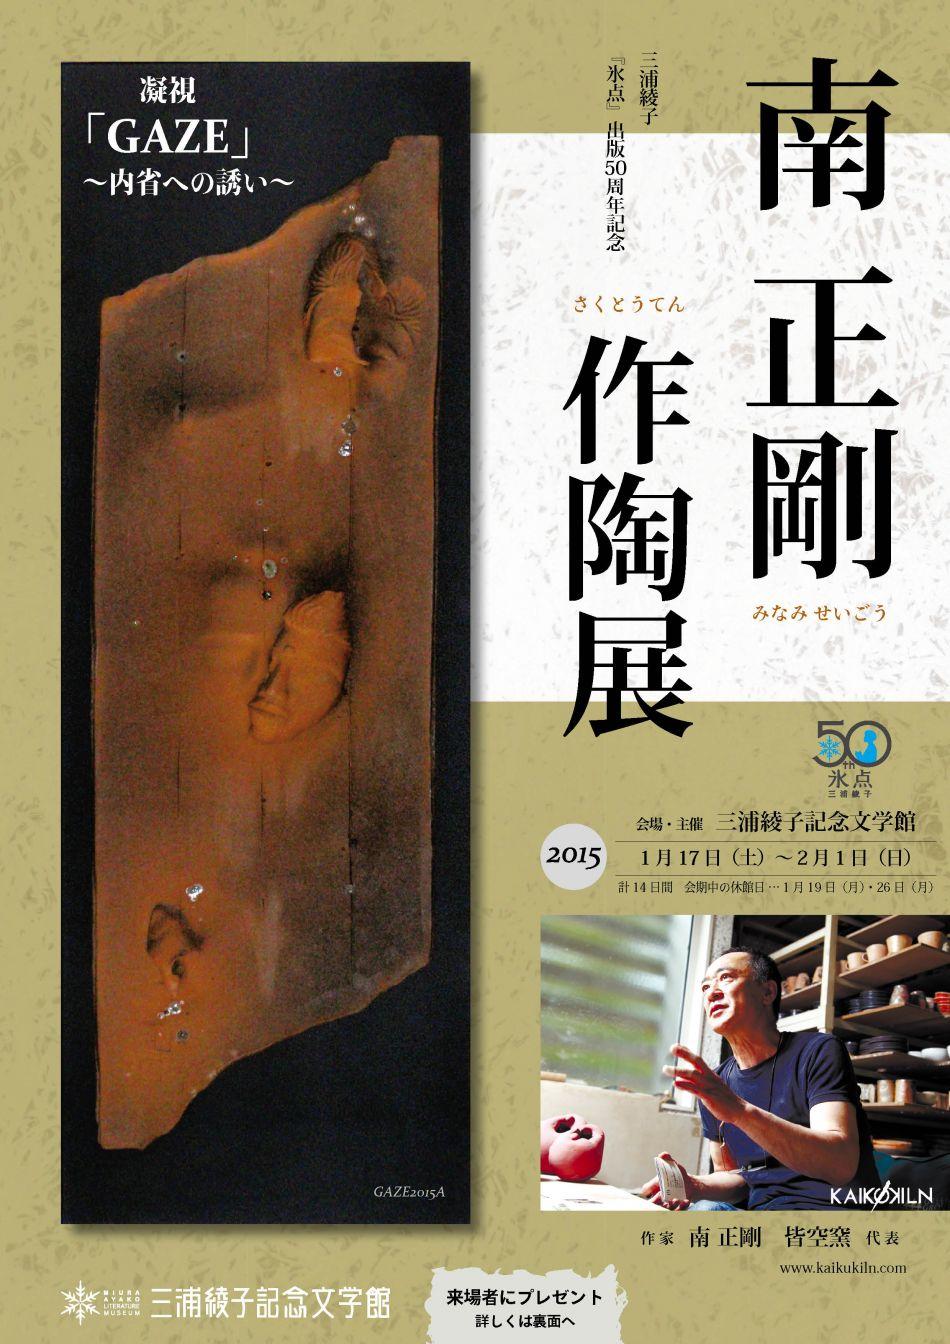 南正剛 作陶展 1月17日から2月1日